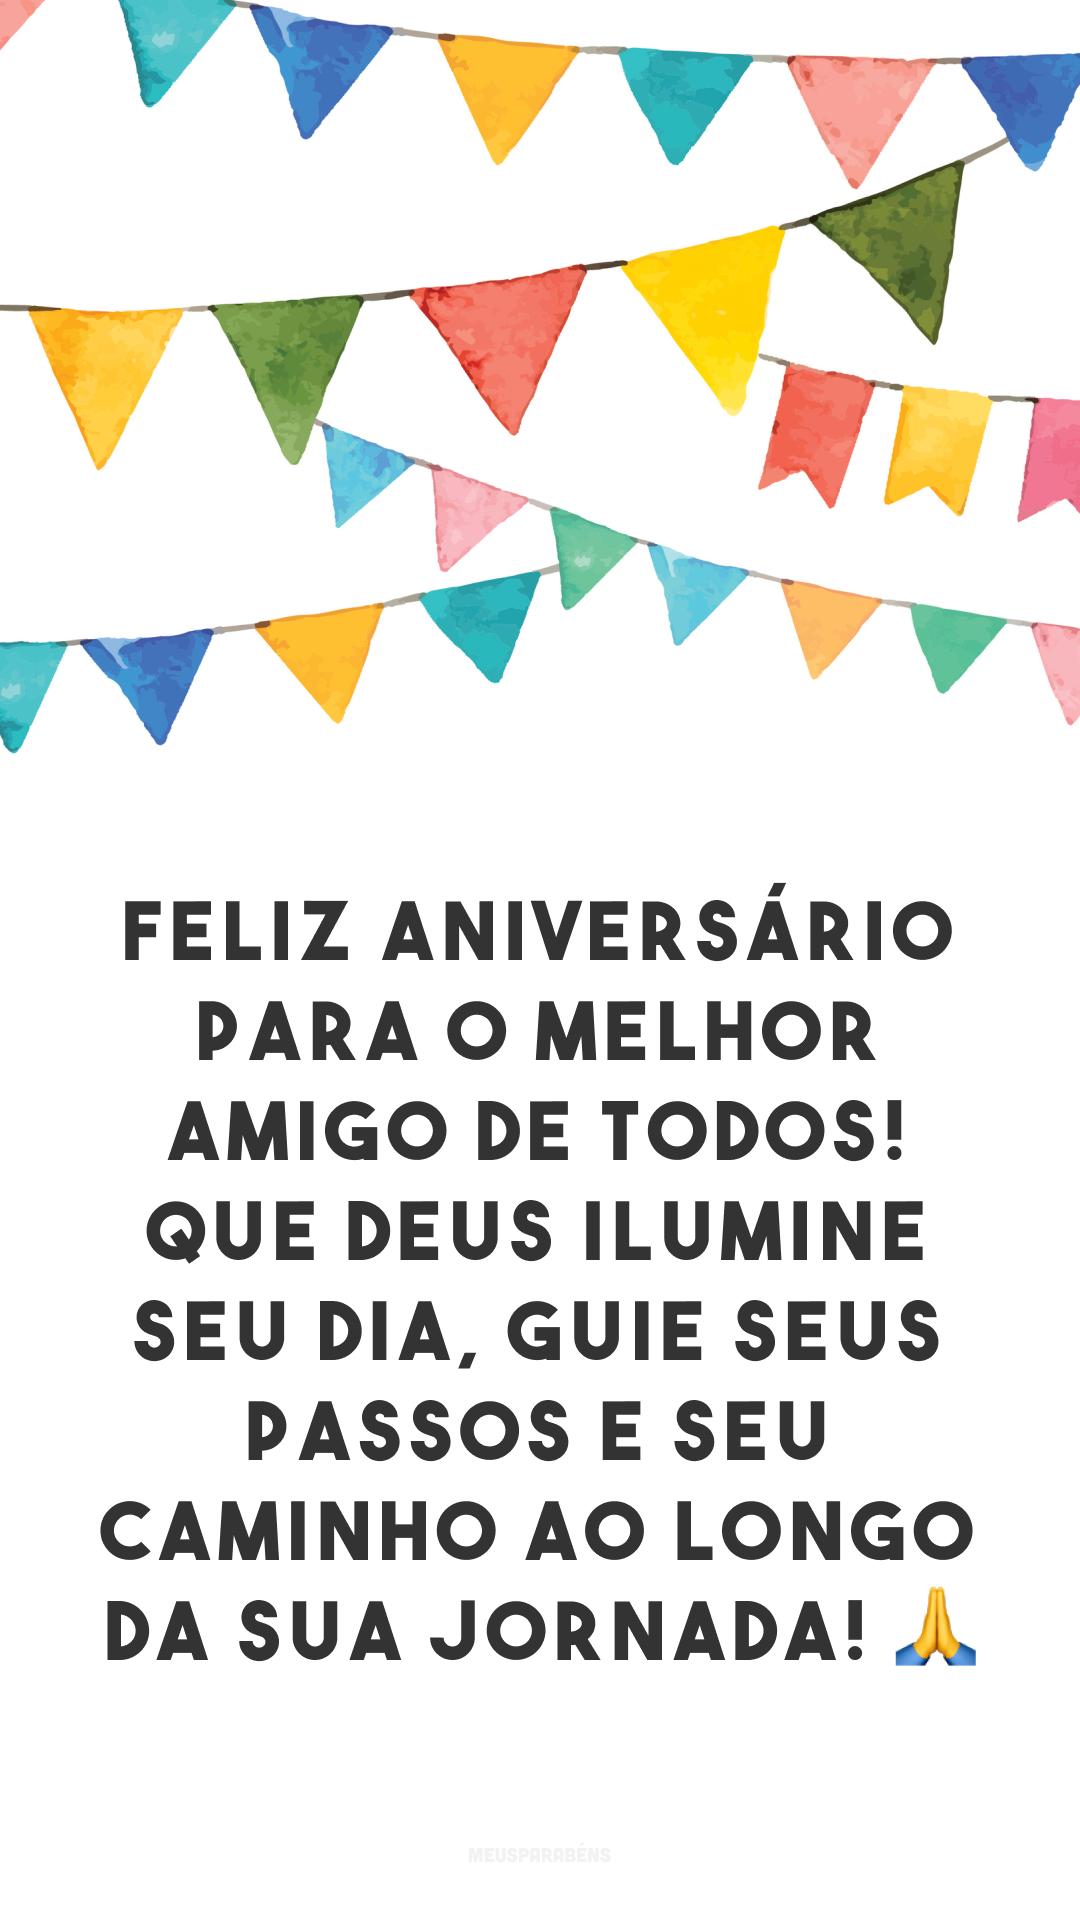 Feliz aniversário para o melhor amigo de todos! Que Deus ilumine seu dia, guie seus passos e seu caminho ao longo da sua jornada! 🙏